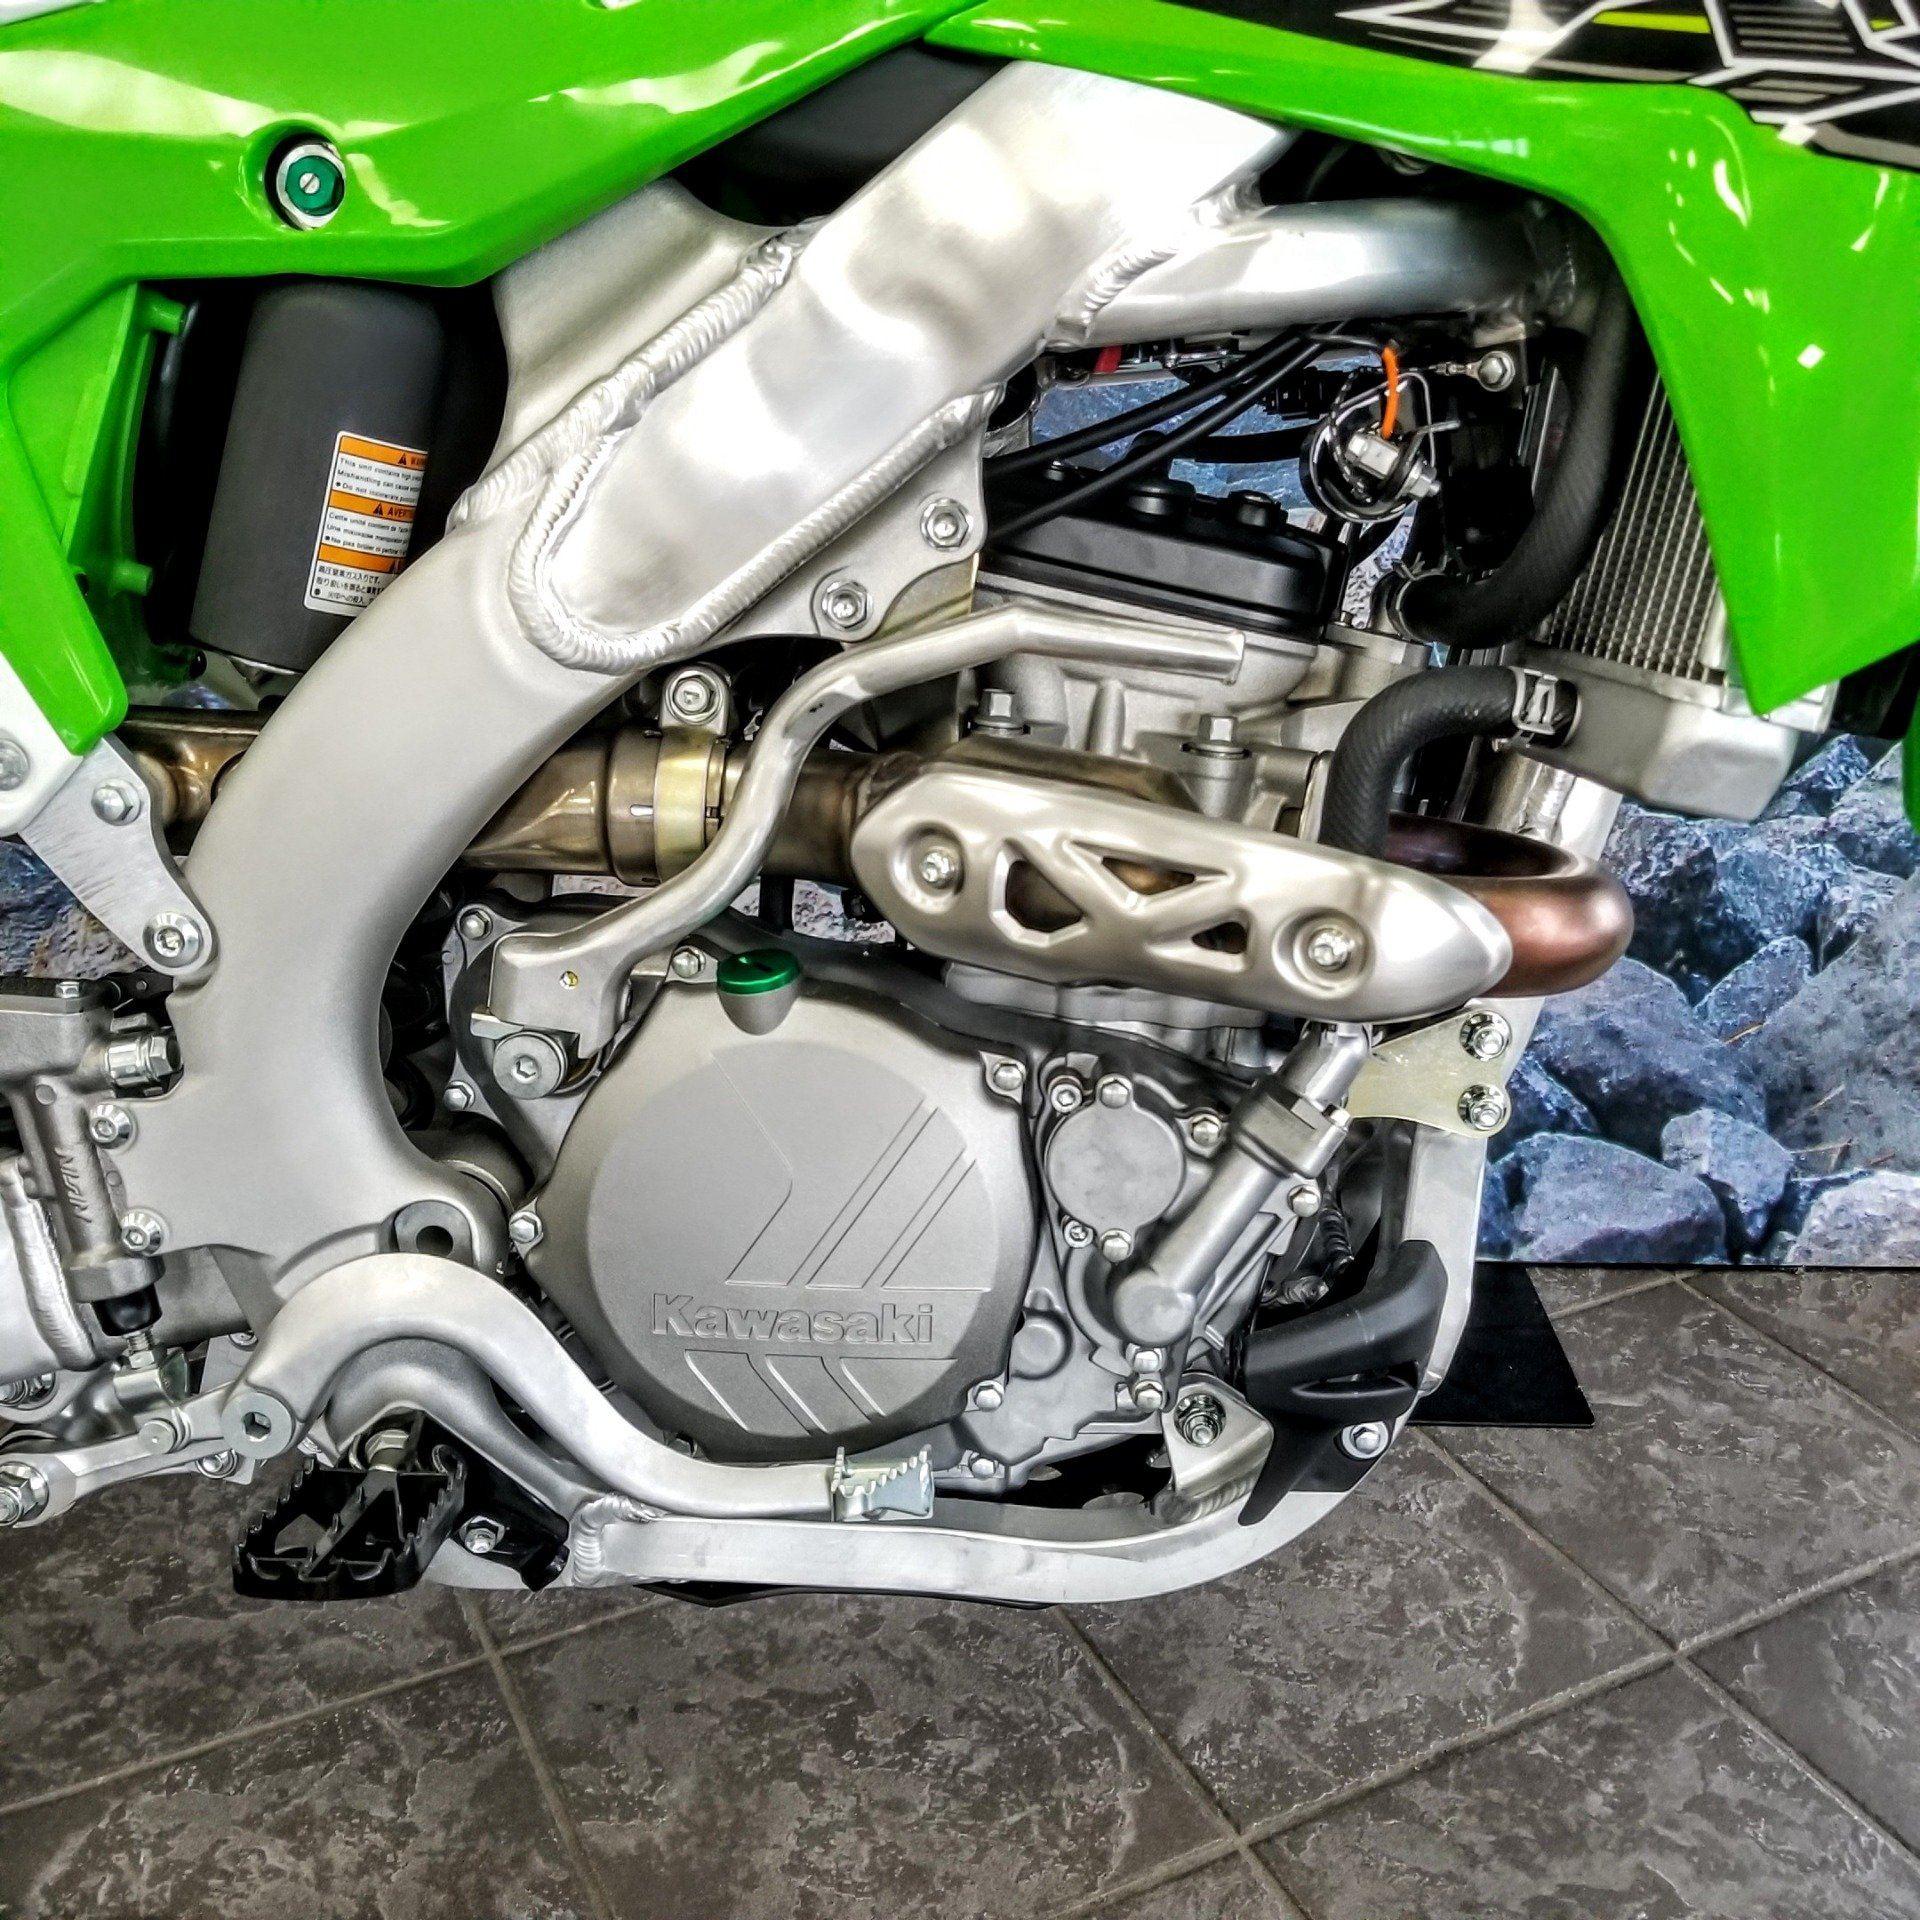 New 2019 Kawasaki Kx 250 Motorcycles In Hickory Nc Stock Number Kx250 Wiring Harness North Carolina